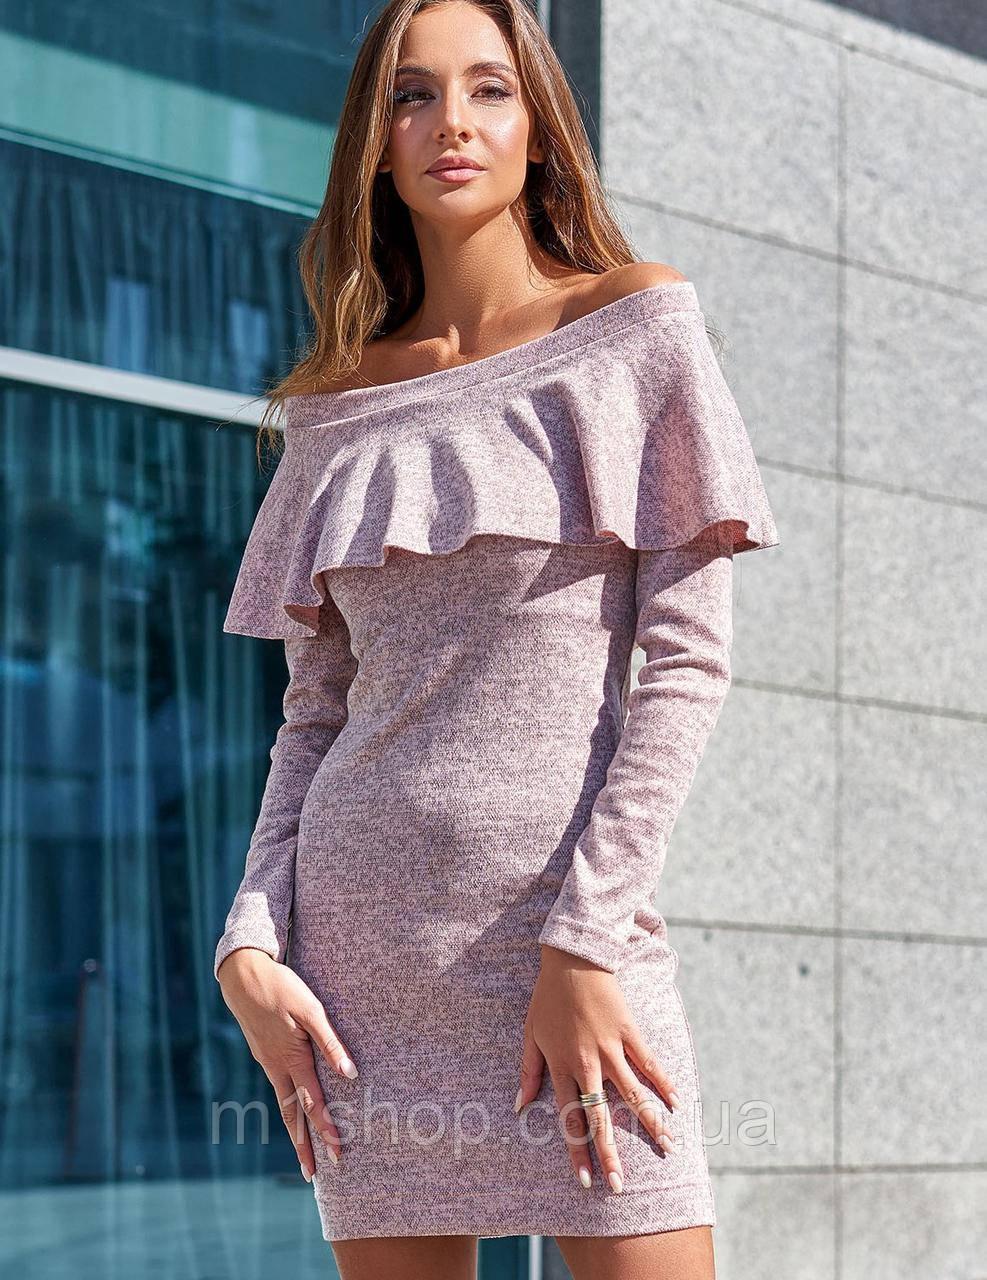 Женское ангоровое платье-футляр с воланом (Микаjd)